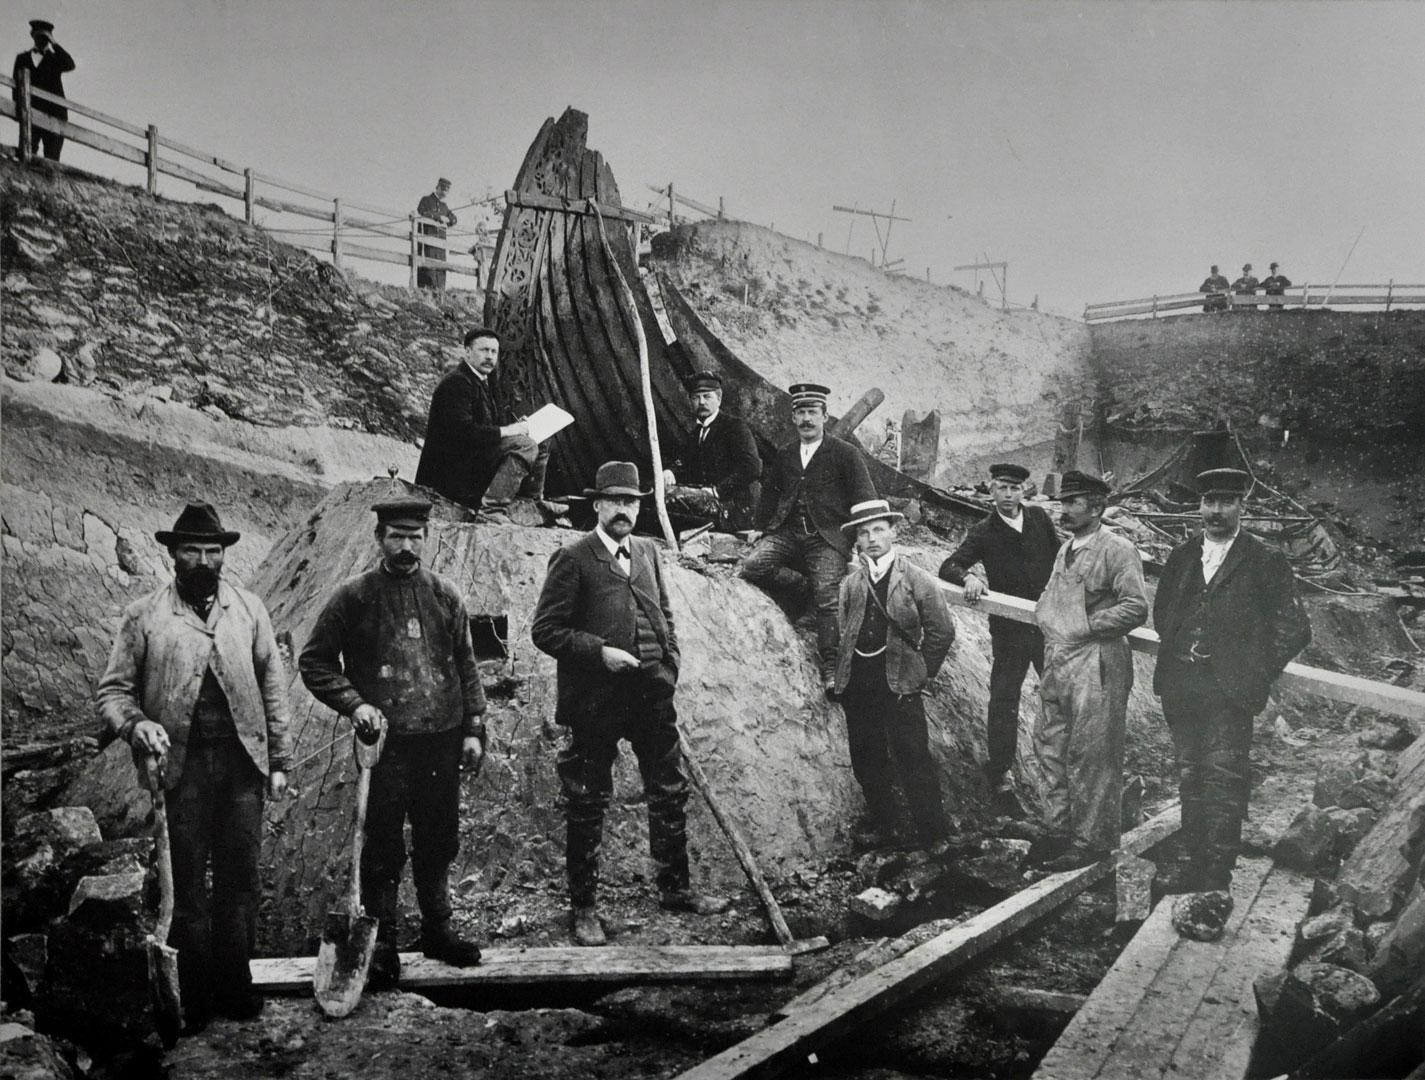 Fra utgravingen av Oseberghaugen ved Tønsberg i 1904 med det berømte Osebergskipet. Funnene herfra kan sees på Vikingskipsmuseet i Oslo. Foto: ukjent / Kulturhistorisk museum UiO via Wikimedia Commons